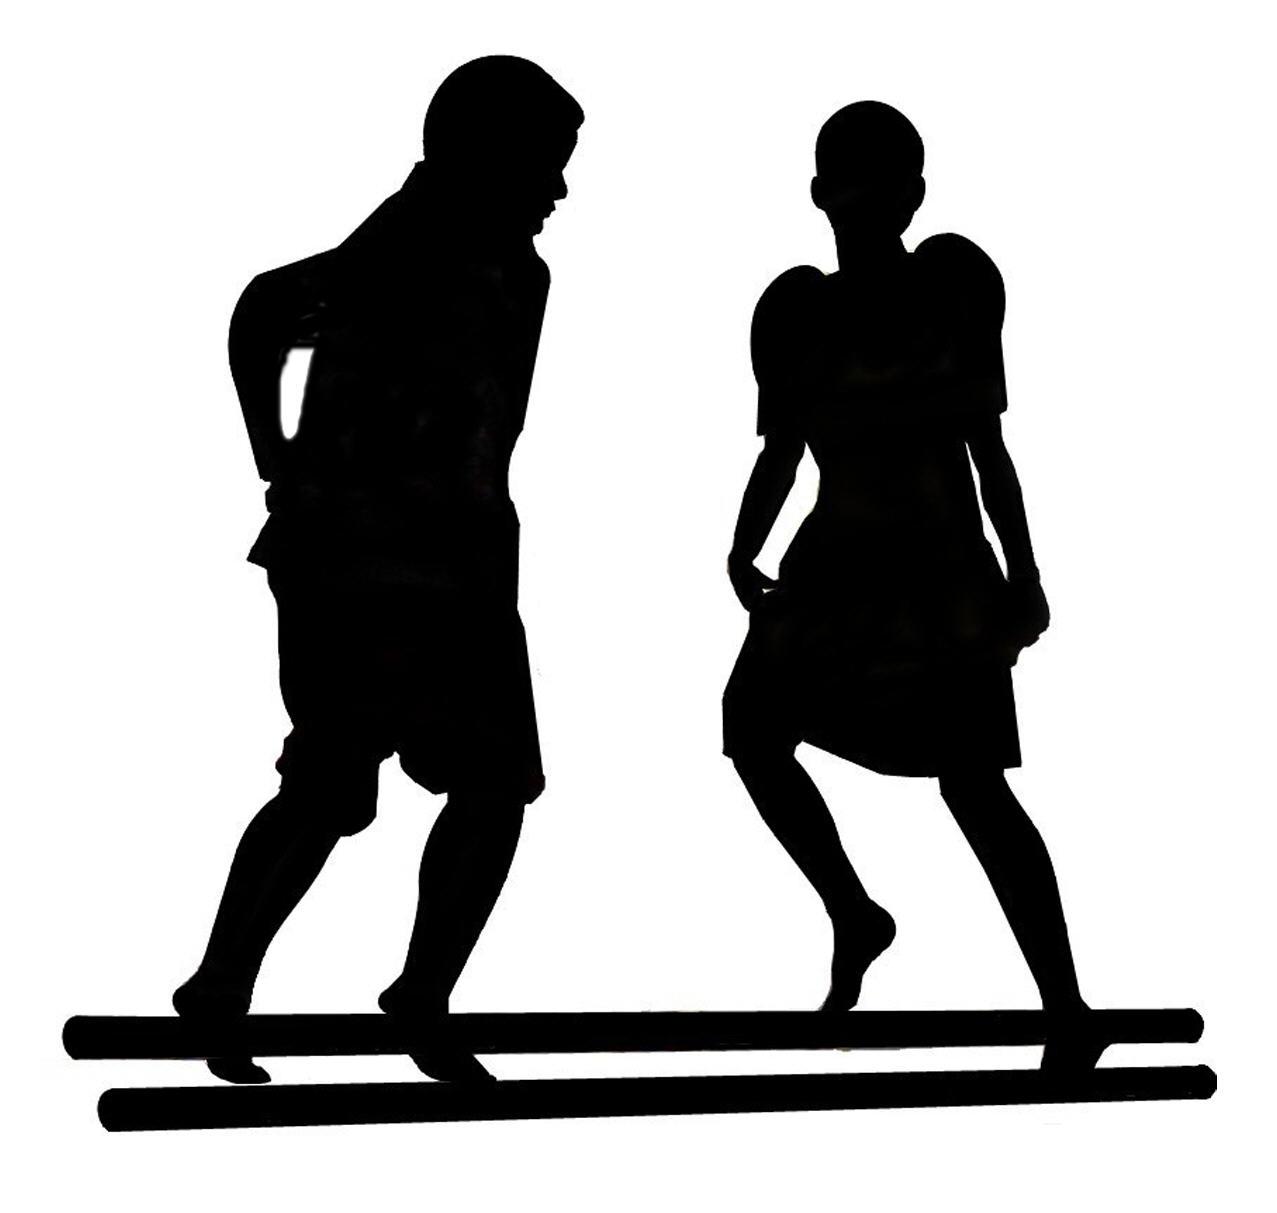 Danse clipart tinikling  Samahang Kapatid